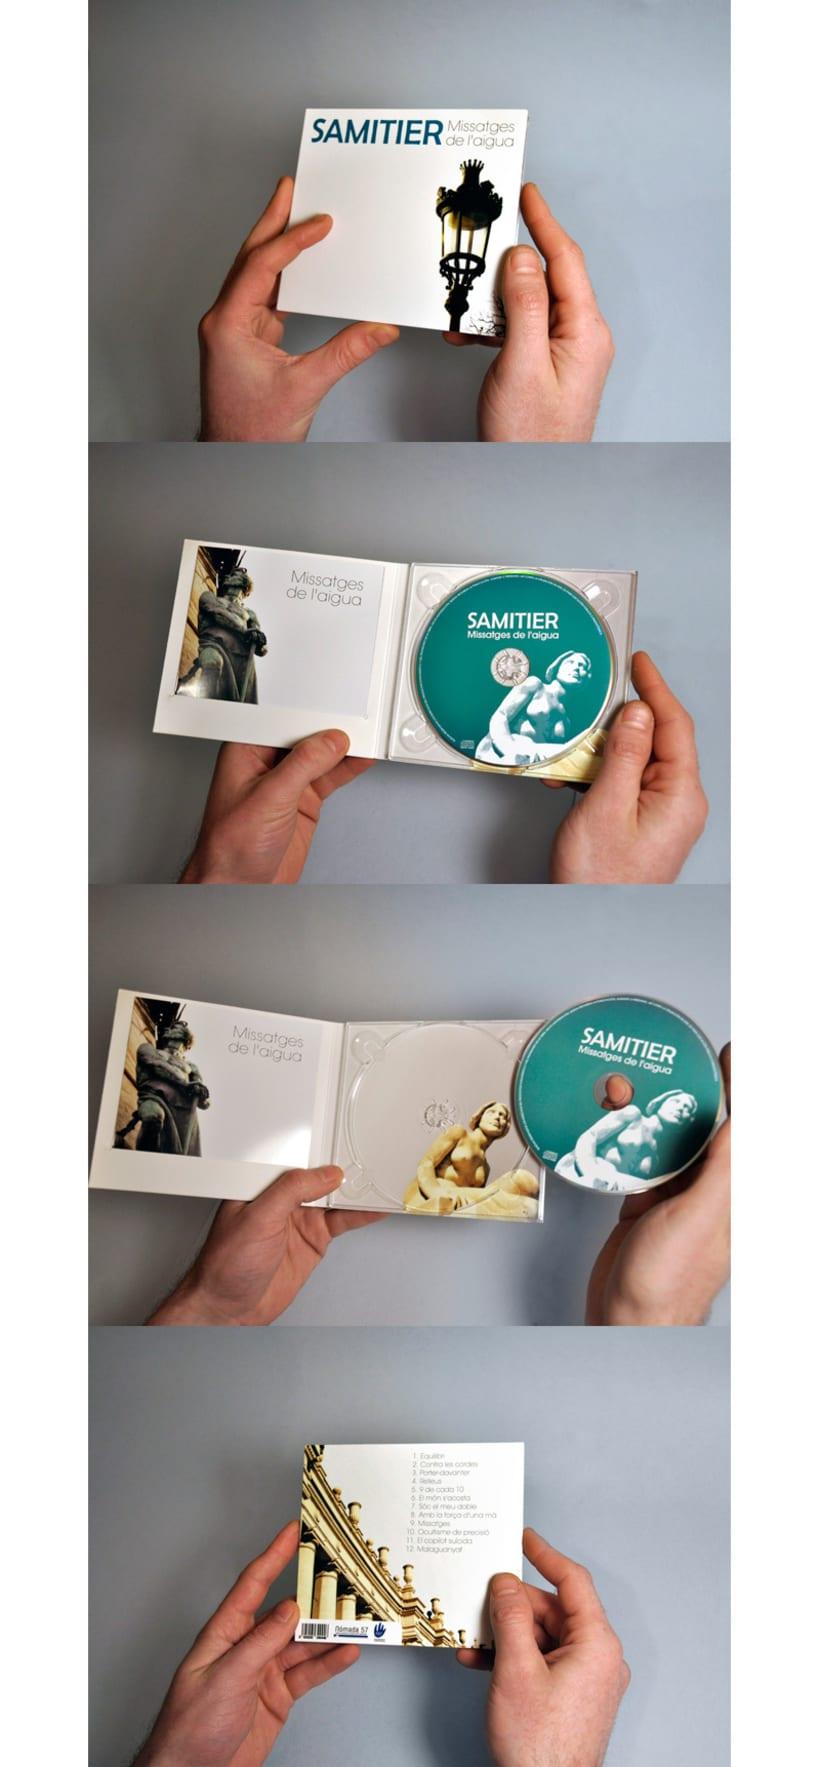 Diseño logotipo, packaging y fotografías cds SAMITIER 2